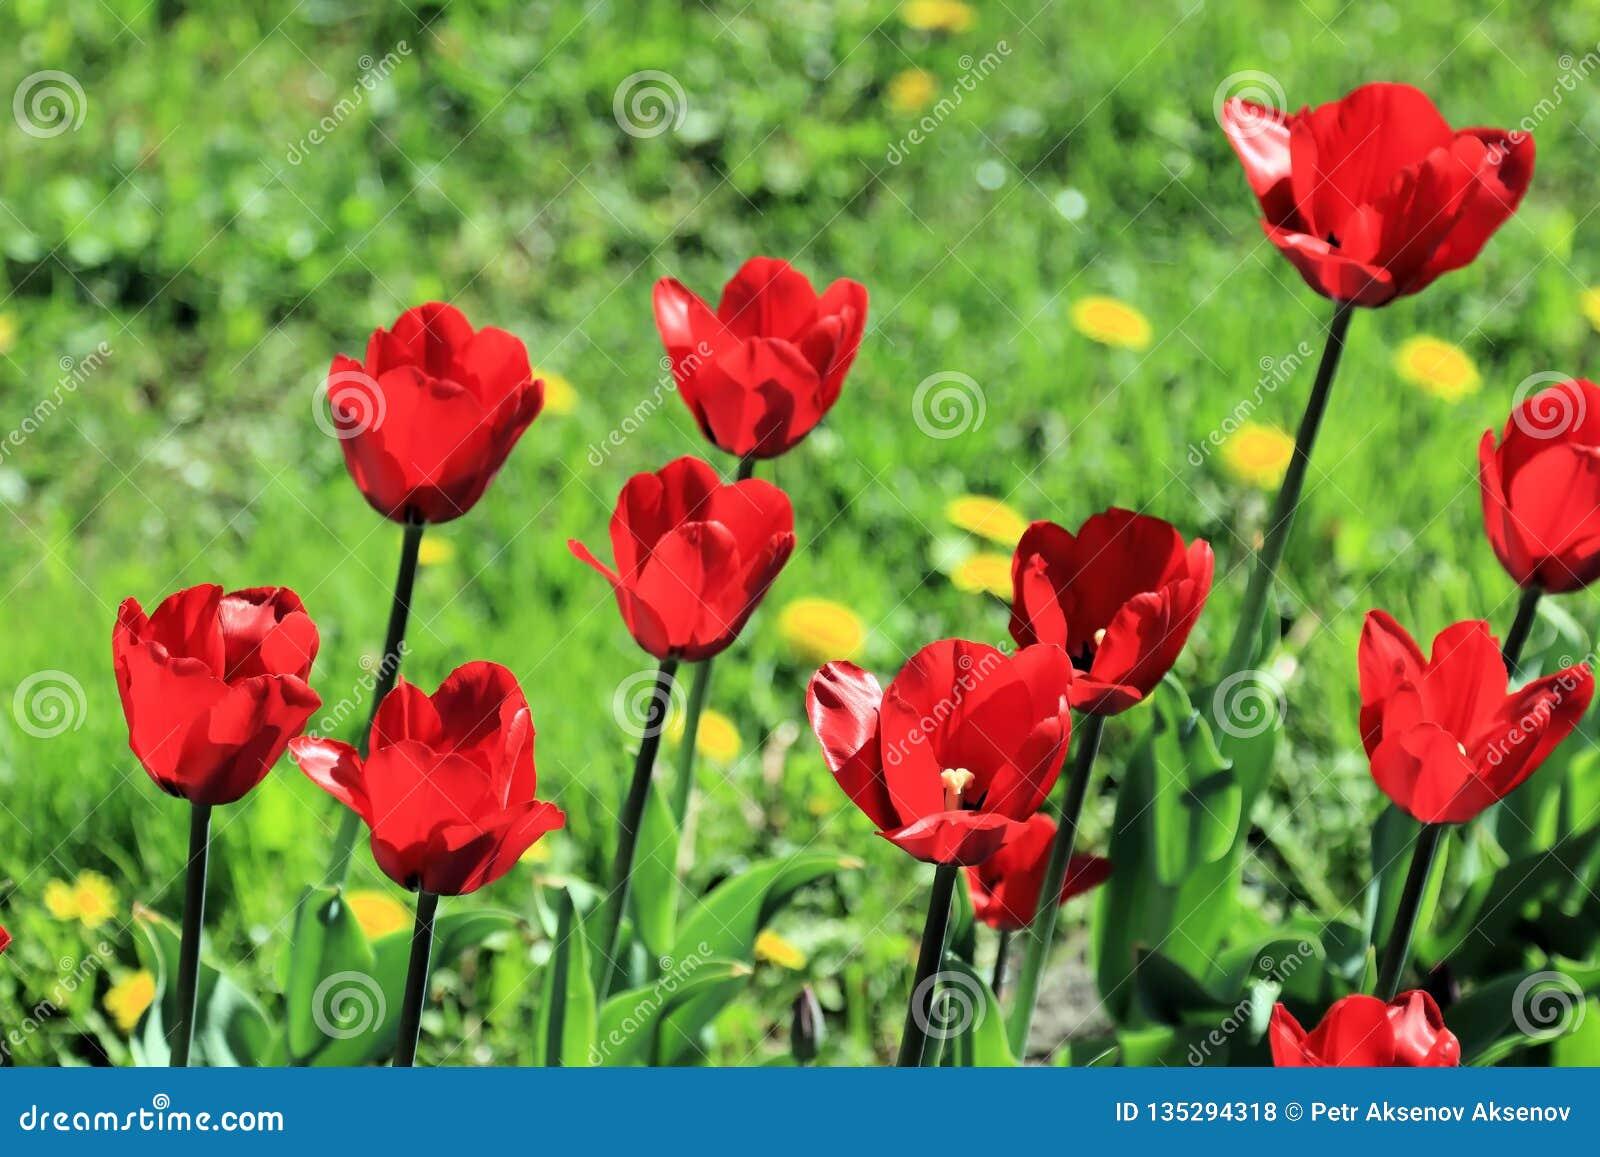 Tulpen auf dem Frühlingsrasen umgeben durch Gras und Löwenzahn